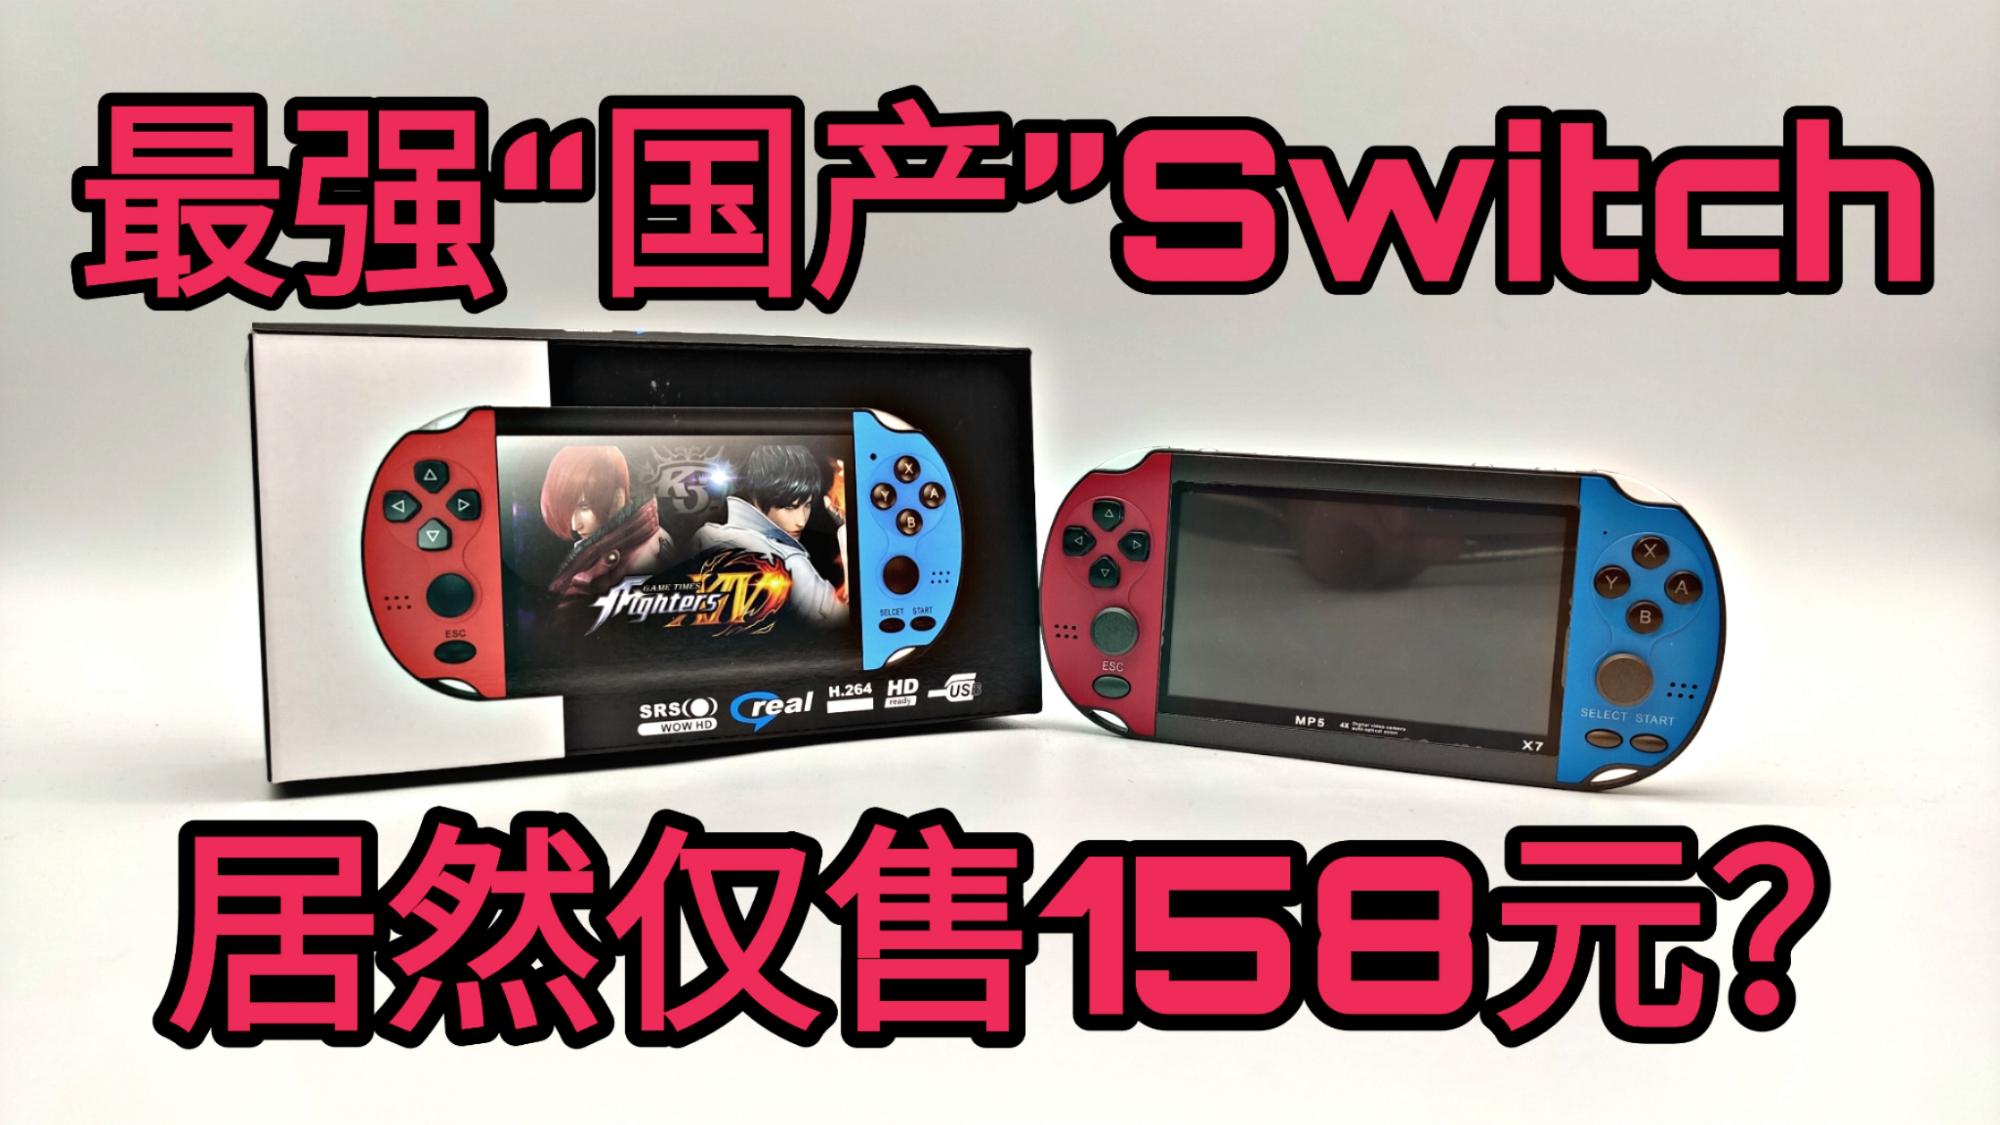 国产SWITCH居然仅售158元,内置888款游戏,功能超多,甚至还能看电影?!